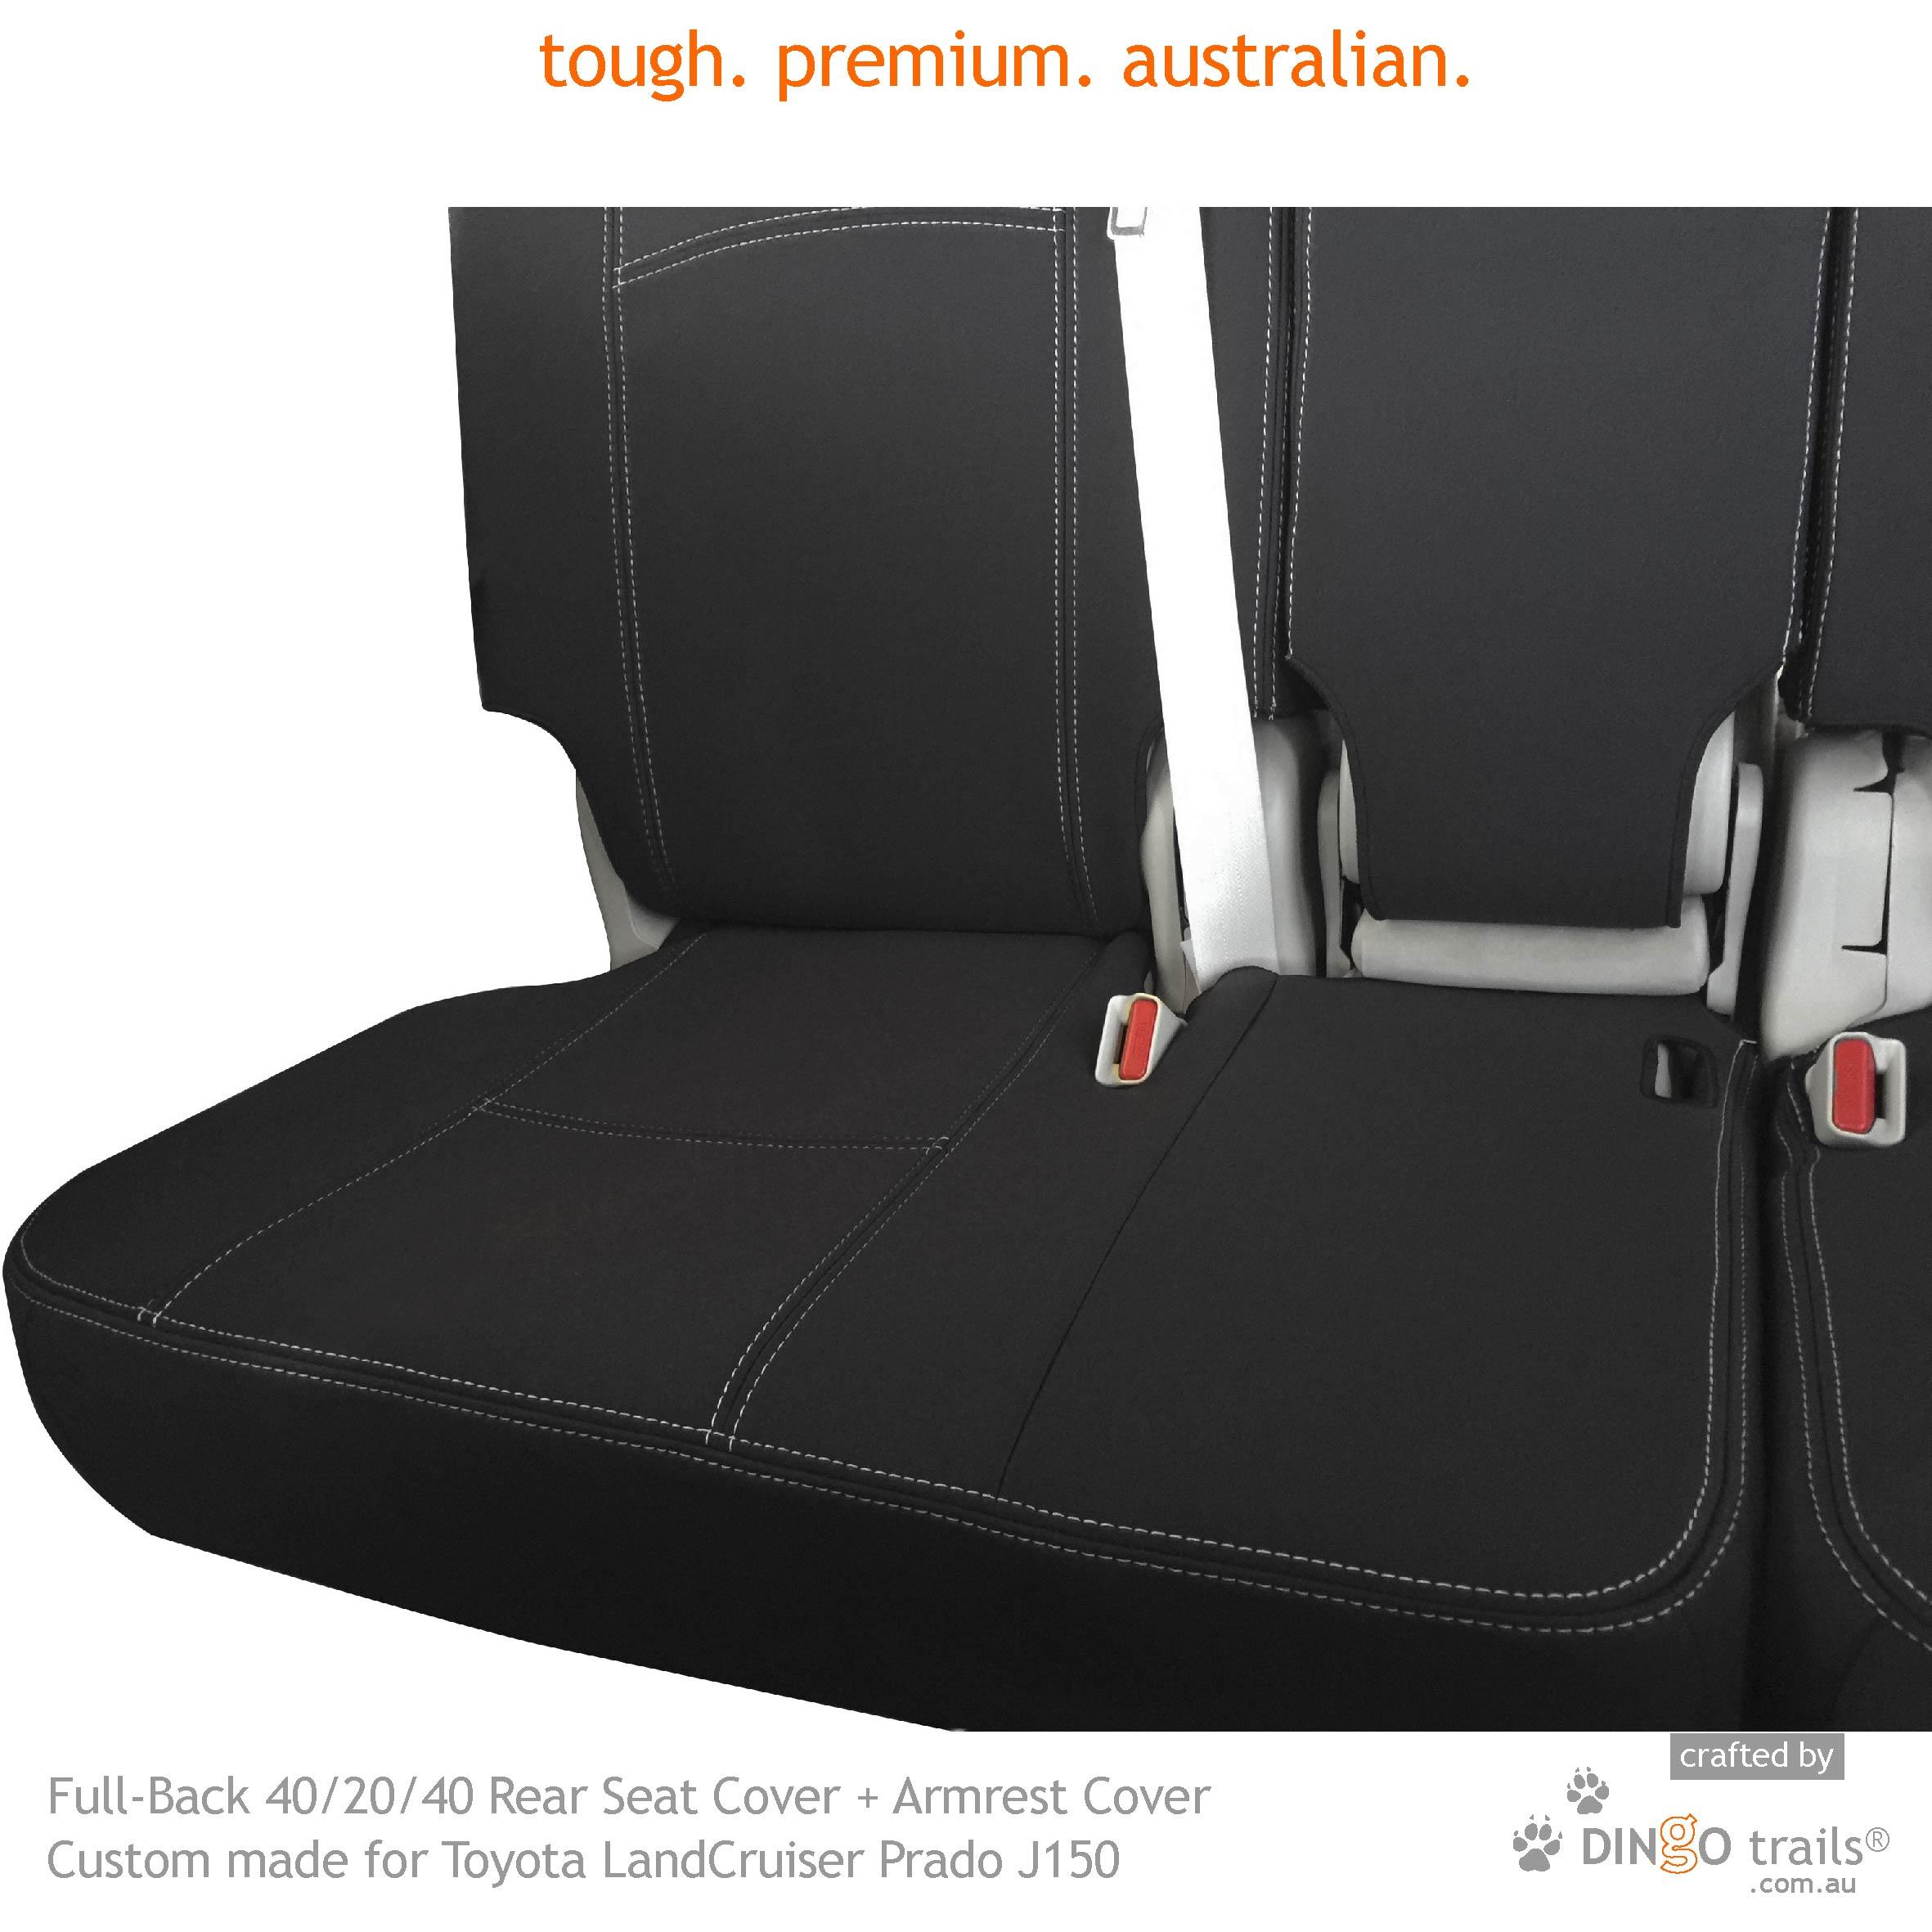 ISUZU D MAX WATERPROOF HEAVY DUTY REAR SEAT COVERS BLACK 130 HD